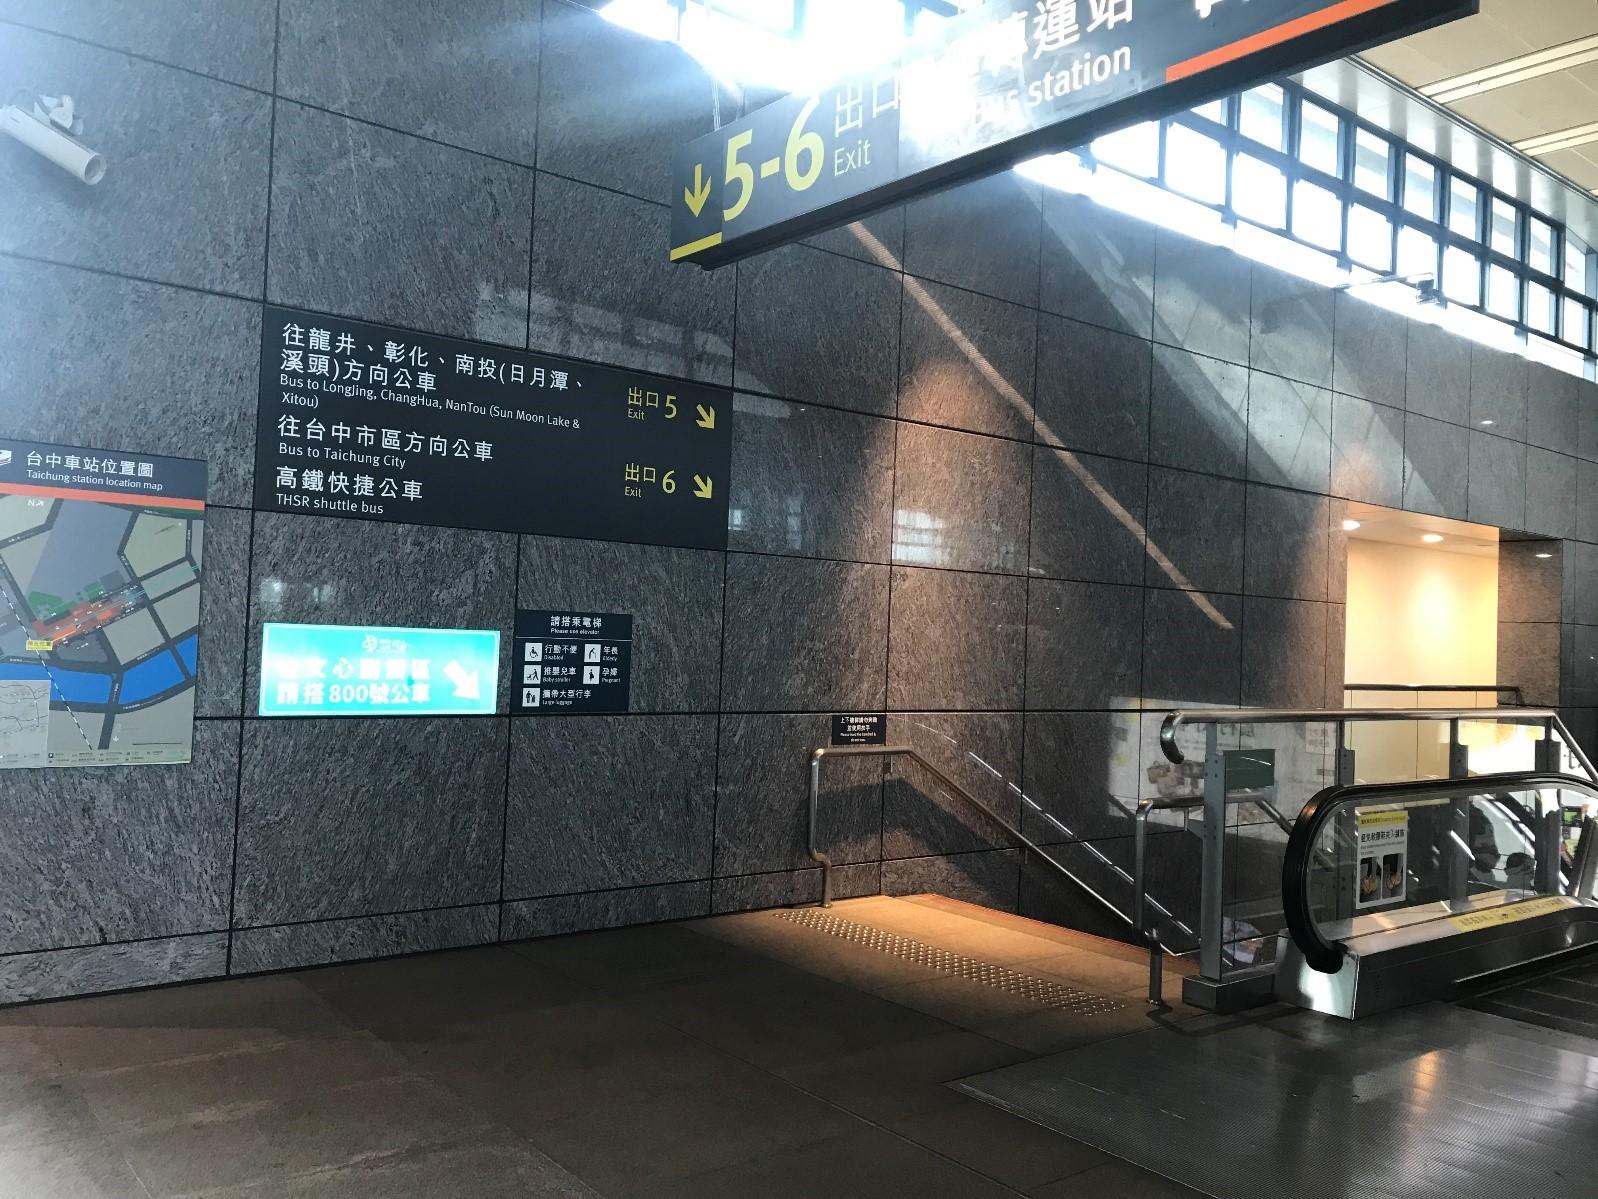 台灣好行日月潭線|一日遊交通票劵+購買資訊與使用方式,跟著我們搭台灣好行遊玩日月潭